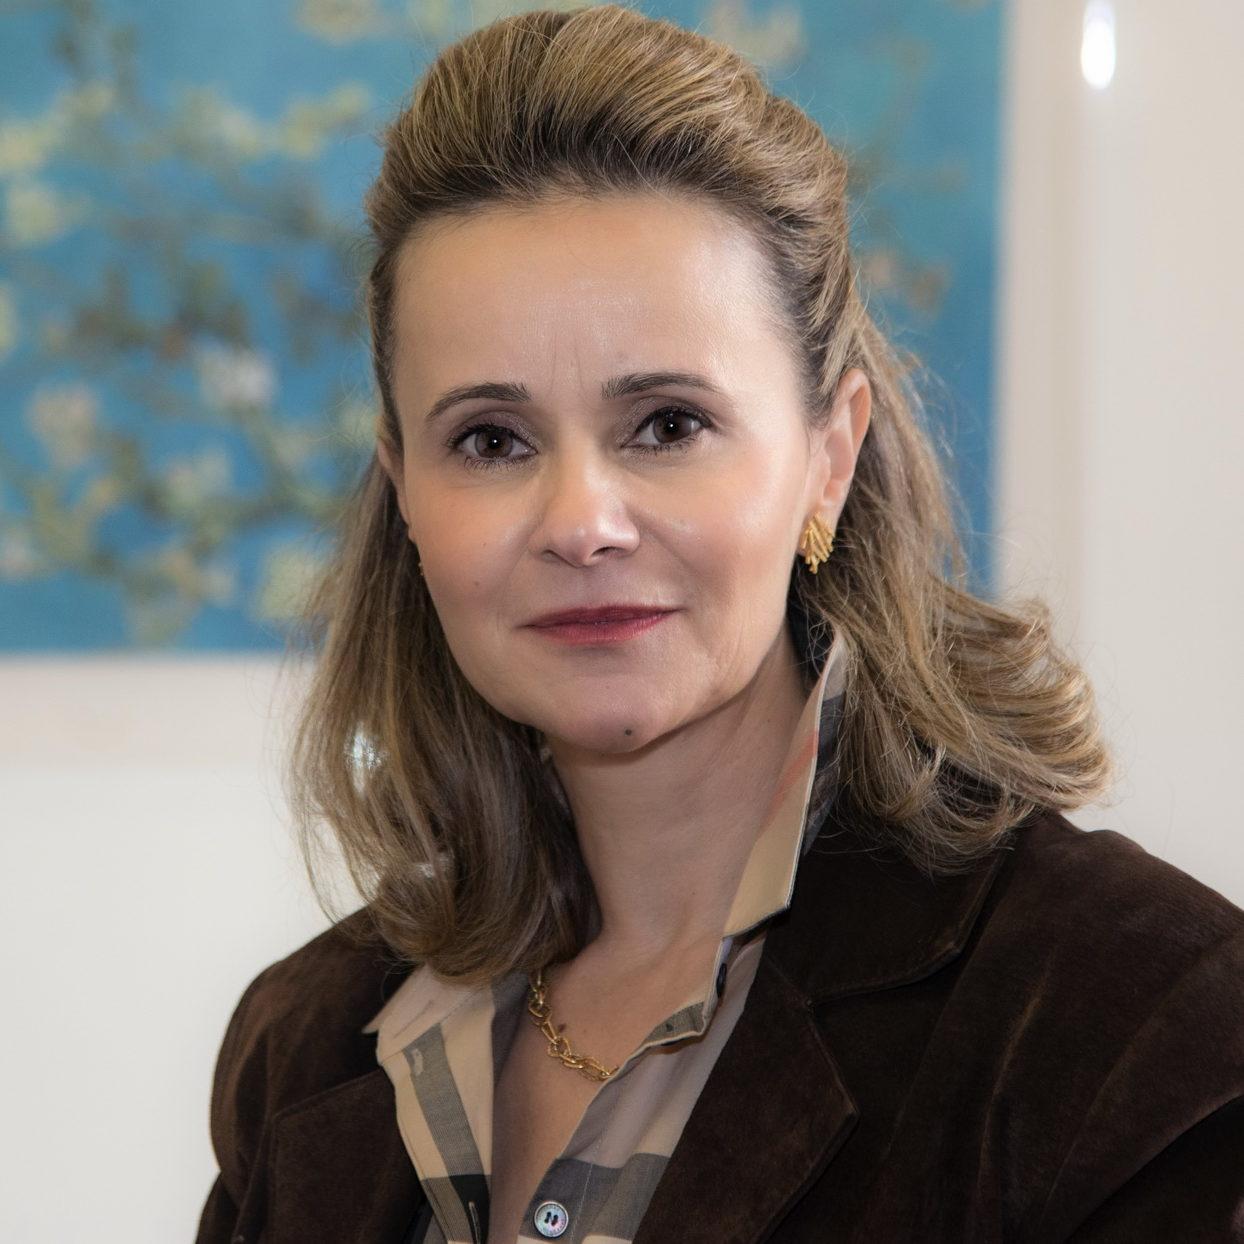 Areti Lagiou